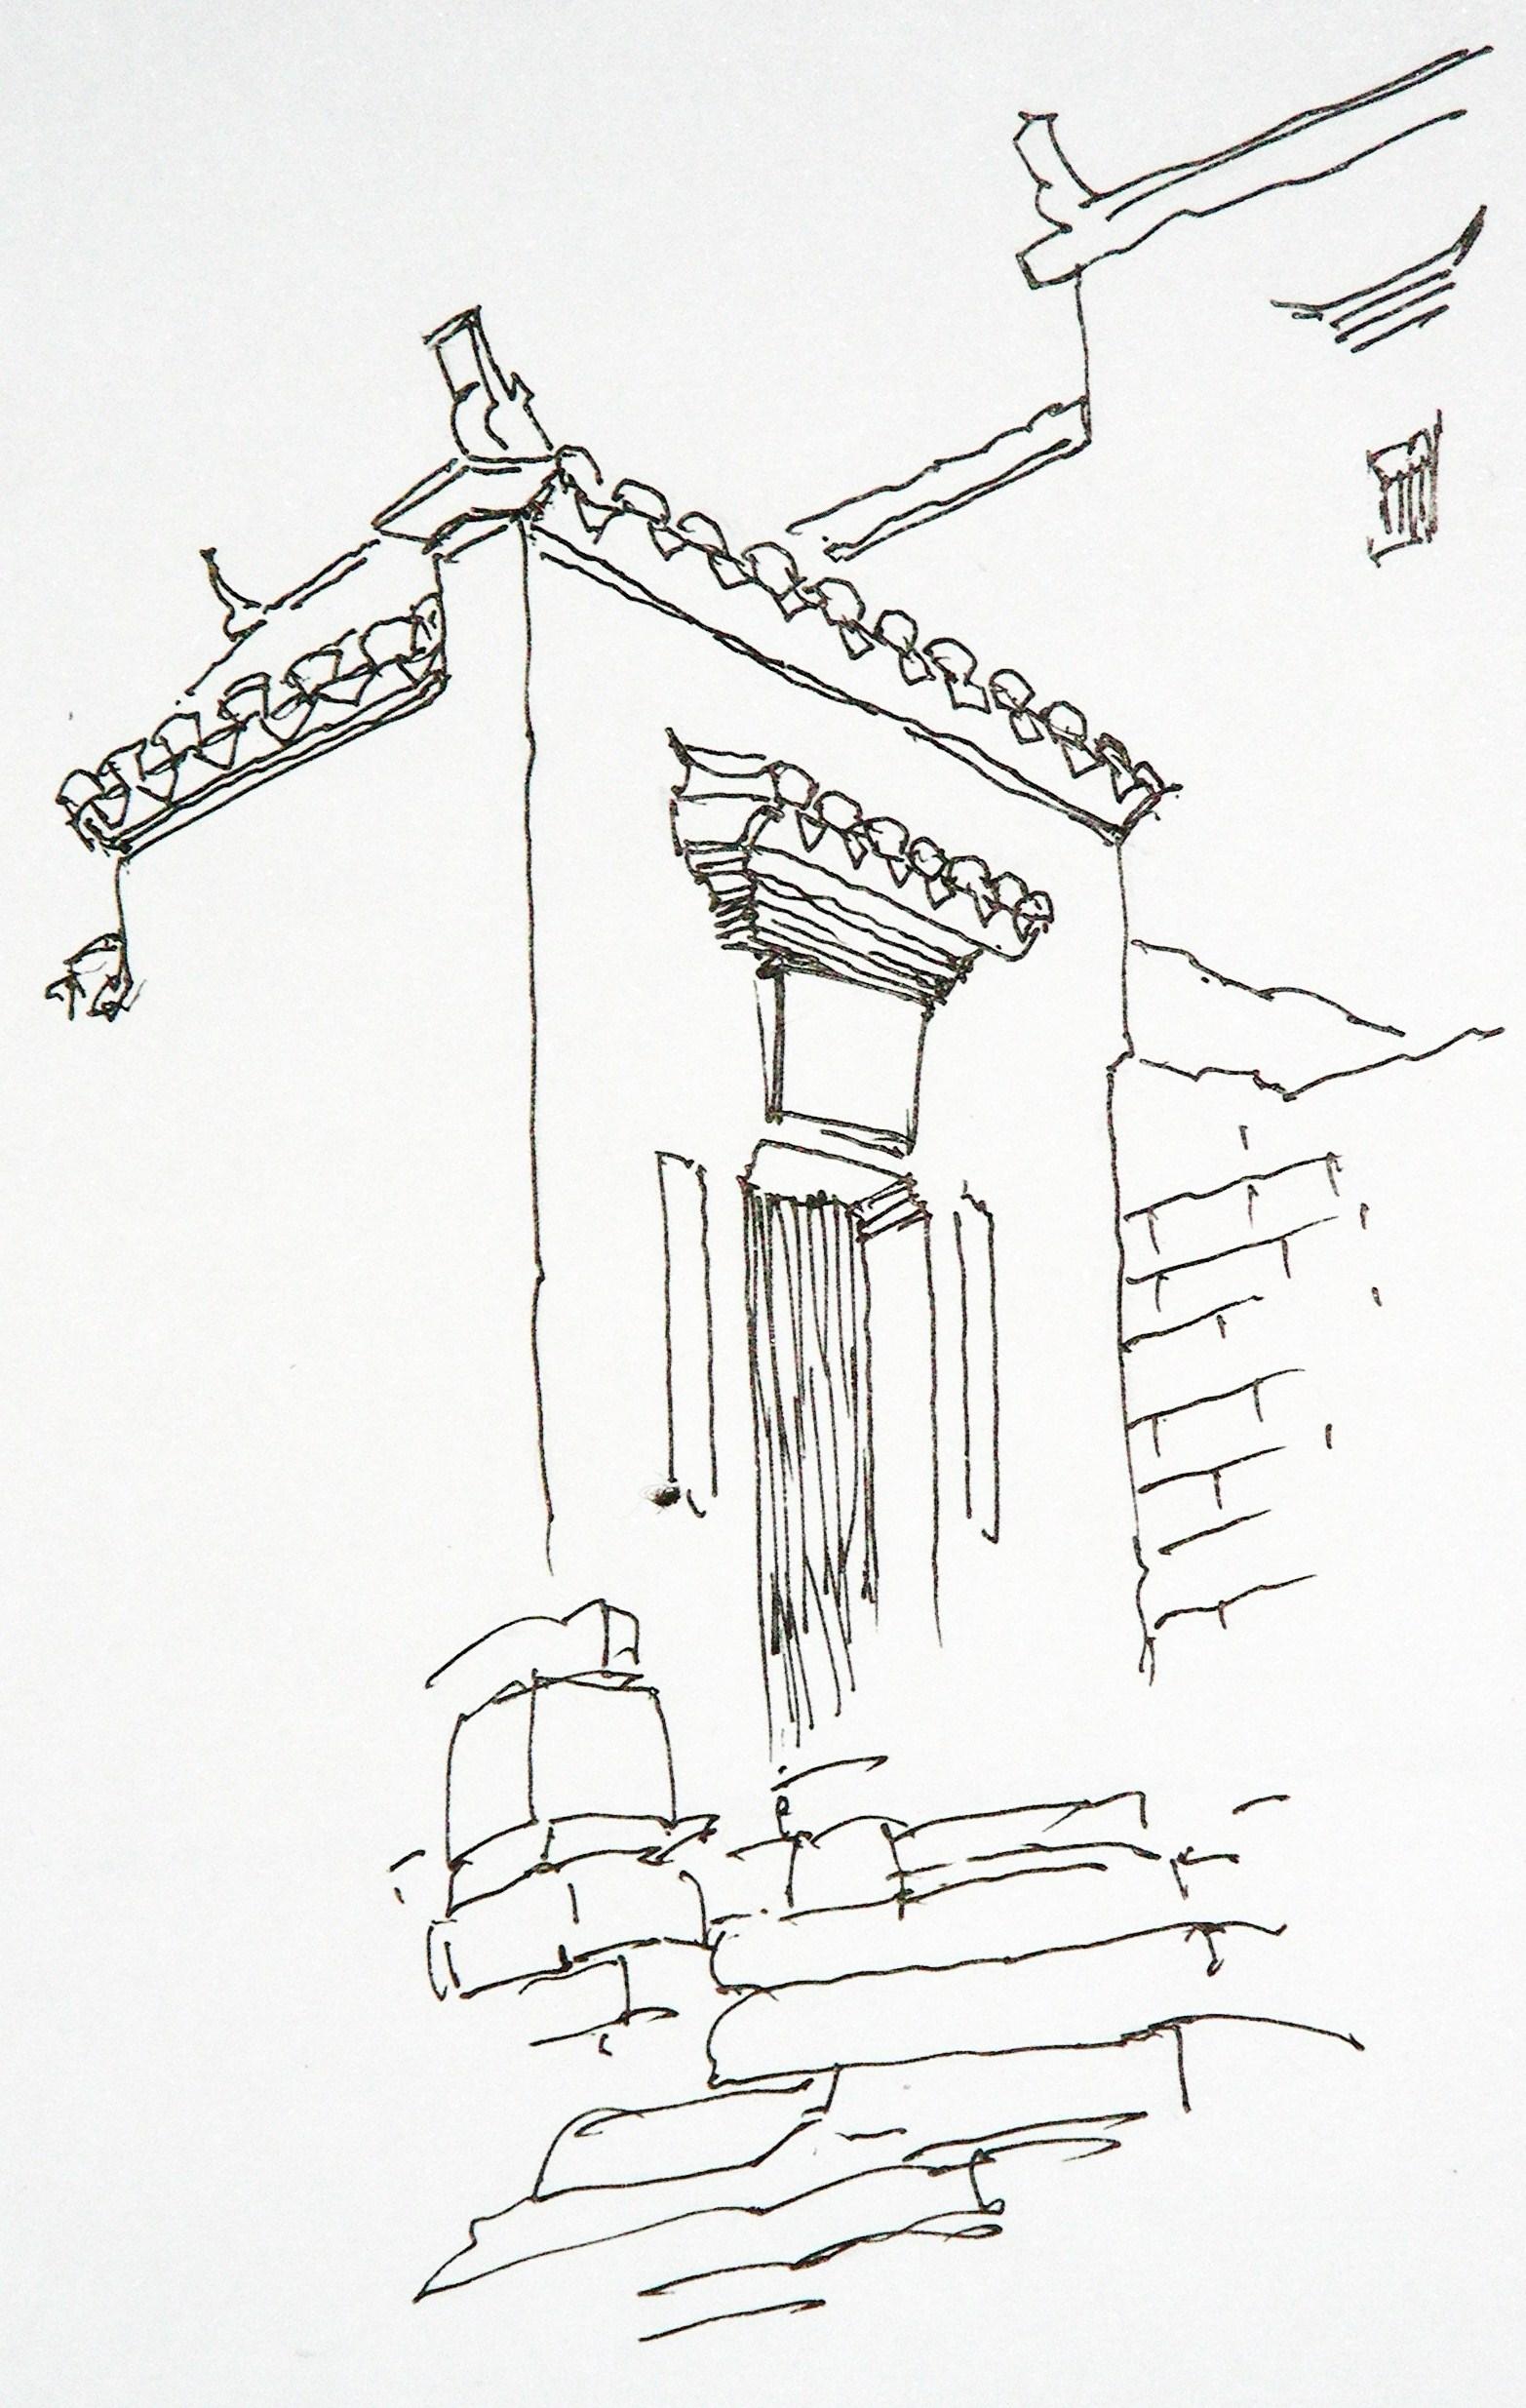 简笔画 手绘 线稿 1556